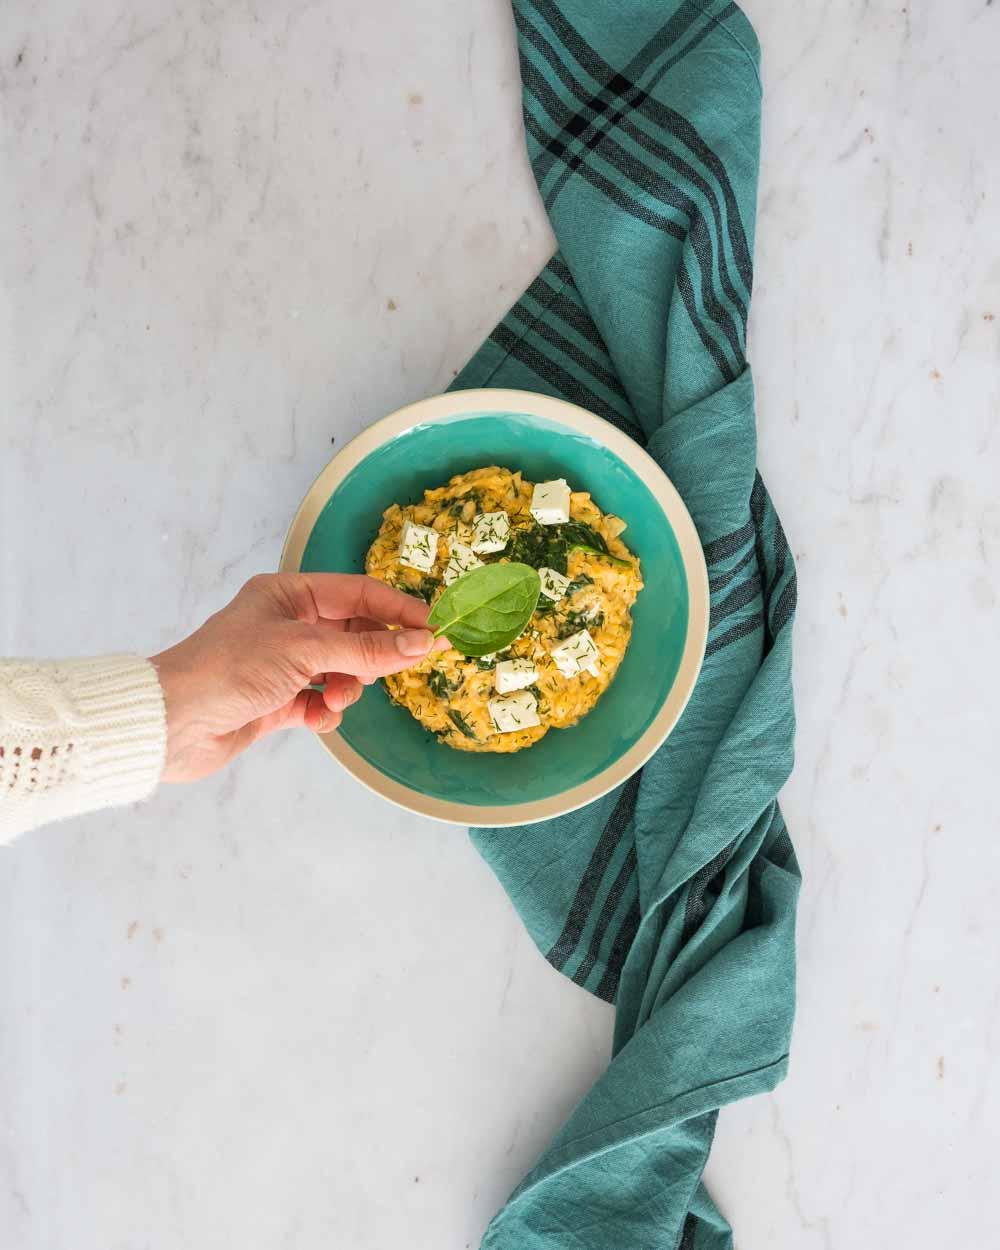 Spanakorizo aux épinards et à l'aneth - riz grec aux épinards - la cerise sur le maillot